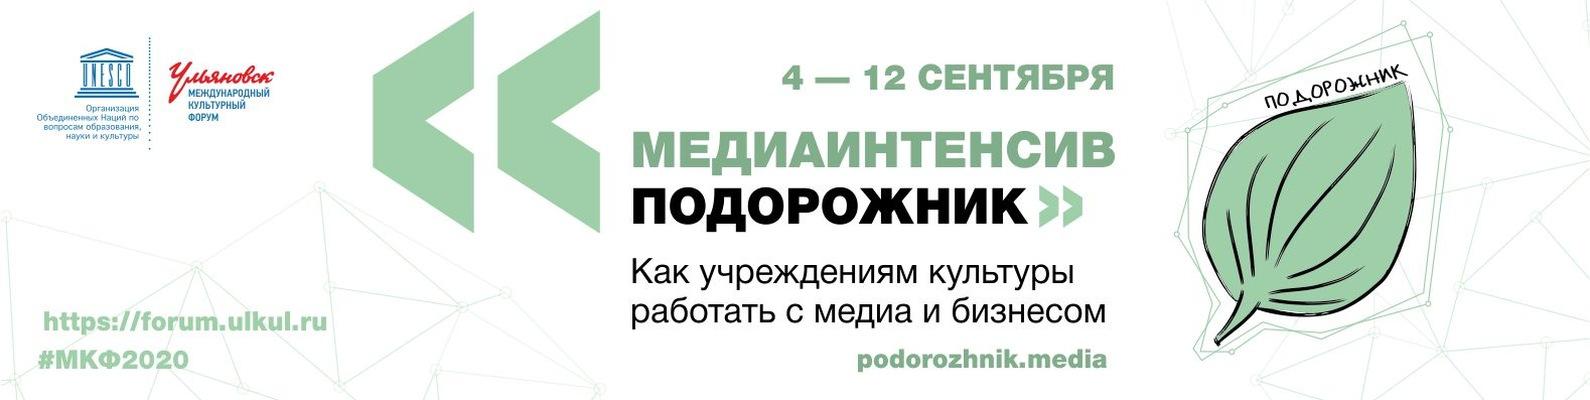 гей форум ульяновск расписание